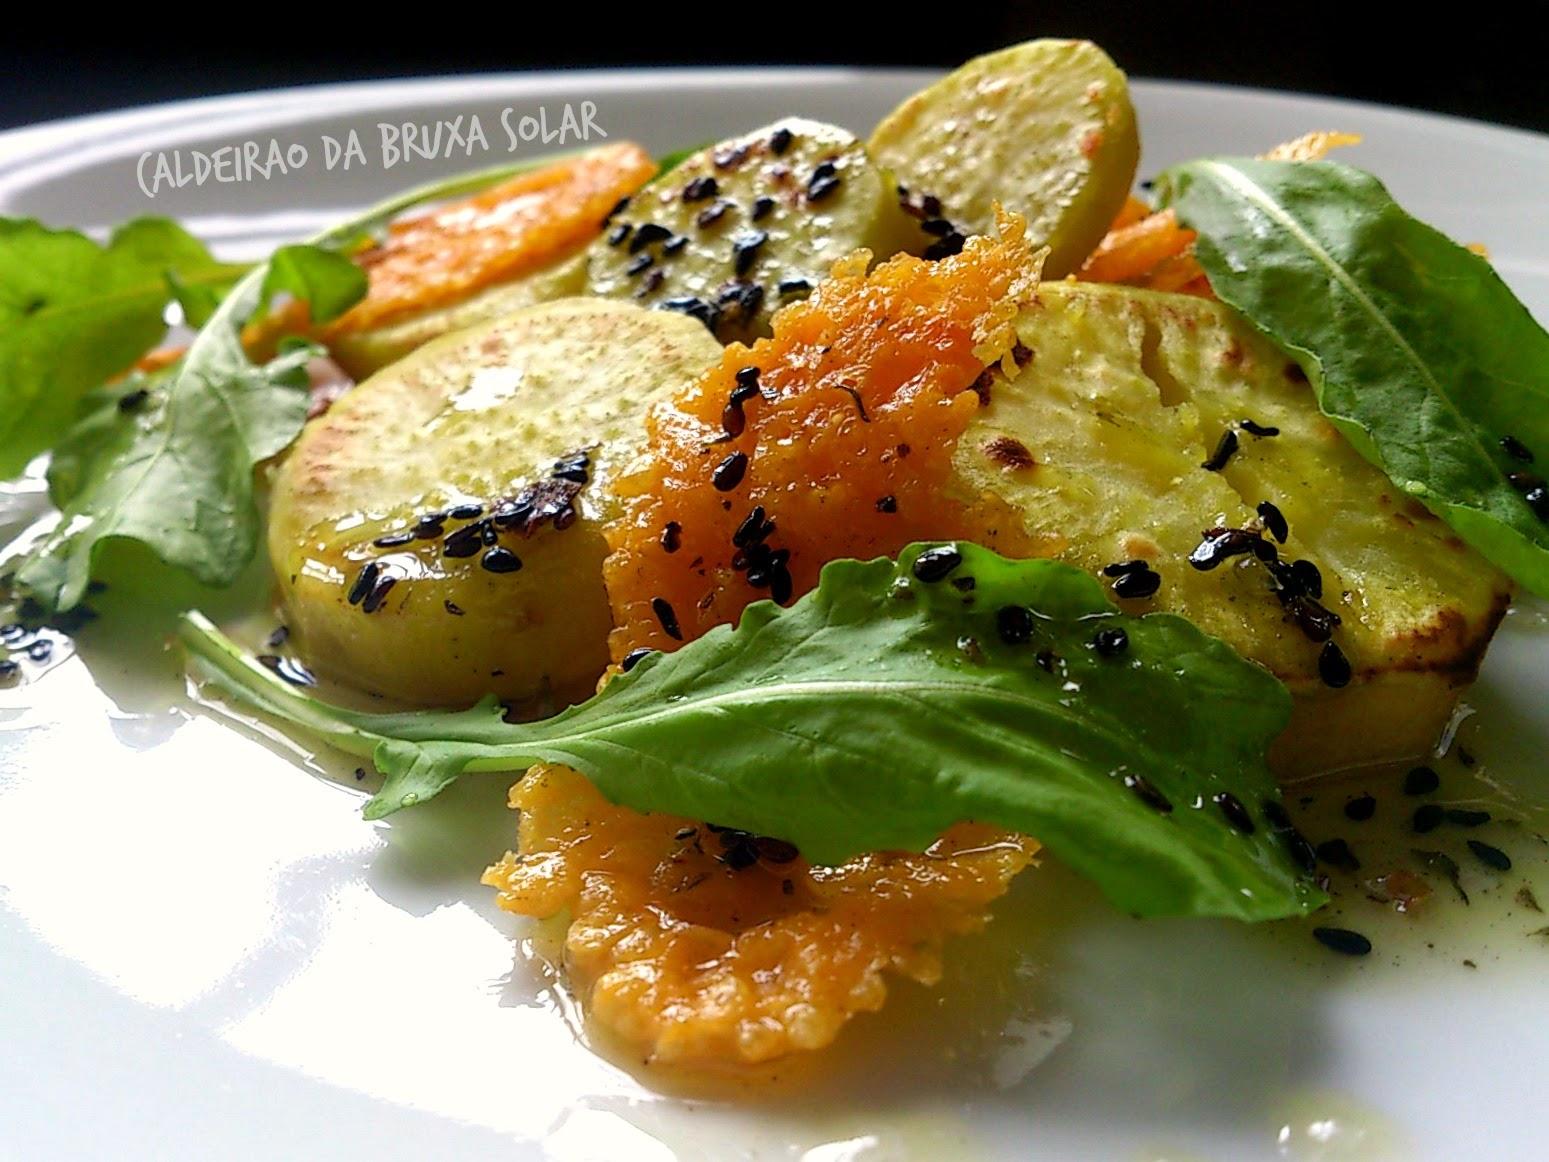 Salada de batata doce, crisp de queijo e rúcula com um molho especial